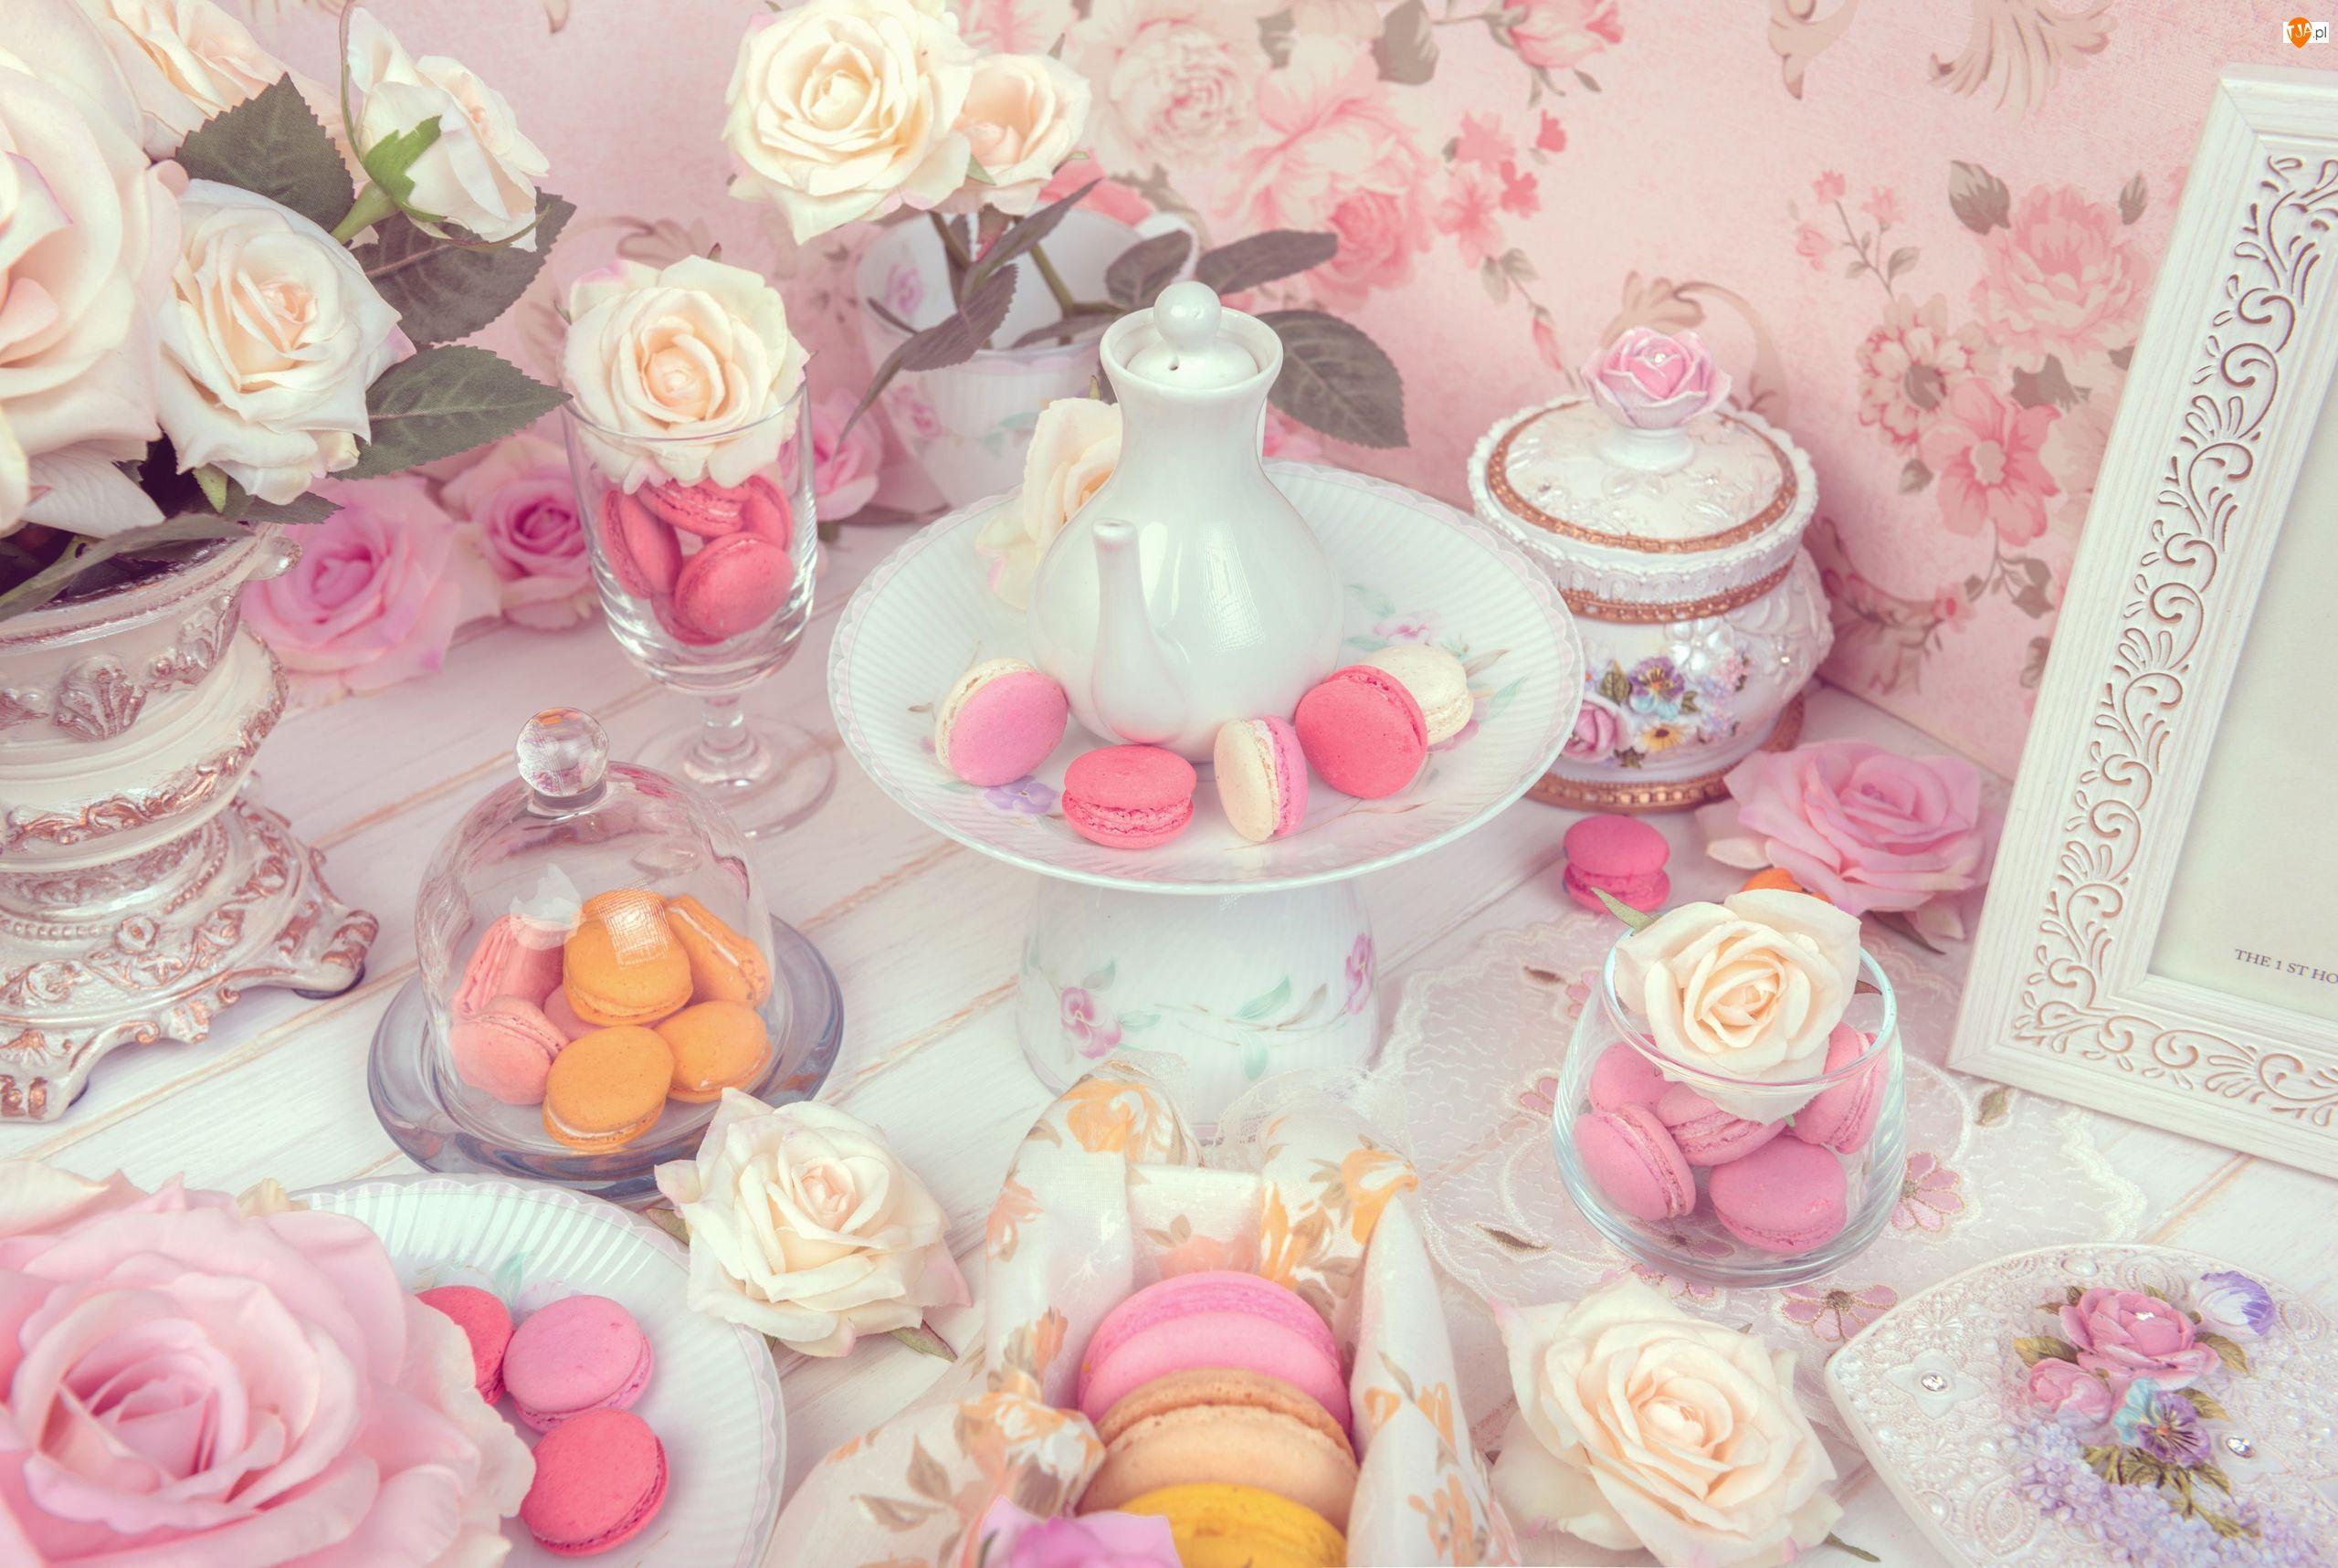 Wazon, Ciasteczka, Cukiernica, Kwiaty, Makaroniki, Ramka, Róże, Pucharki